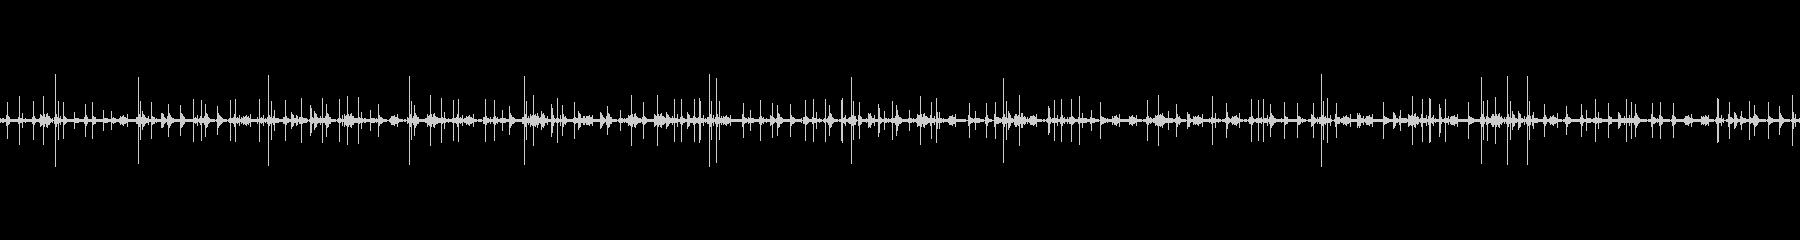 レコードノイズ Lofi ヴァイナル12の未再生の波形